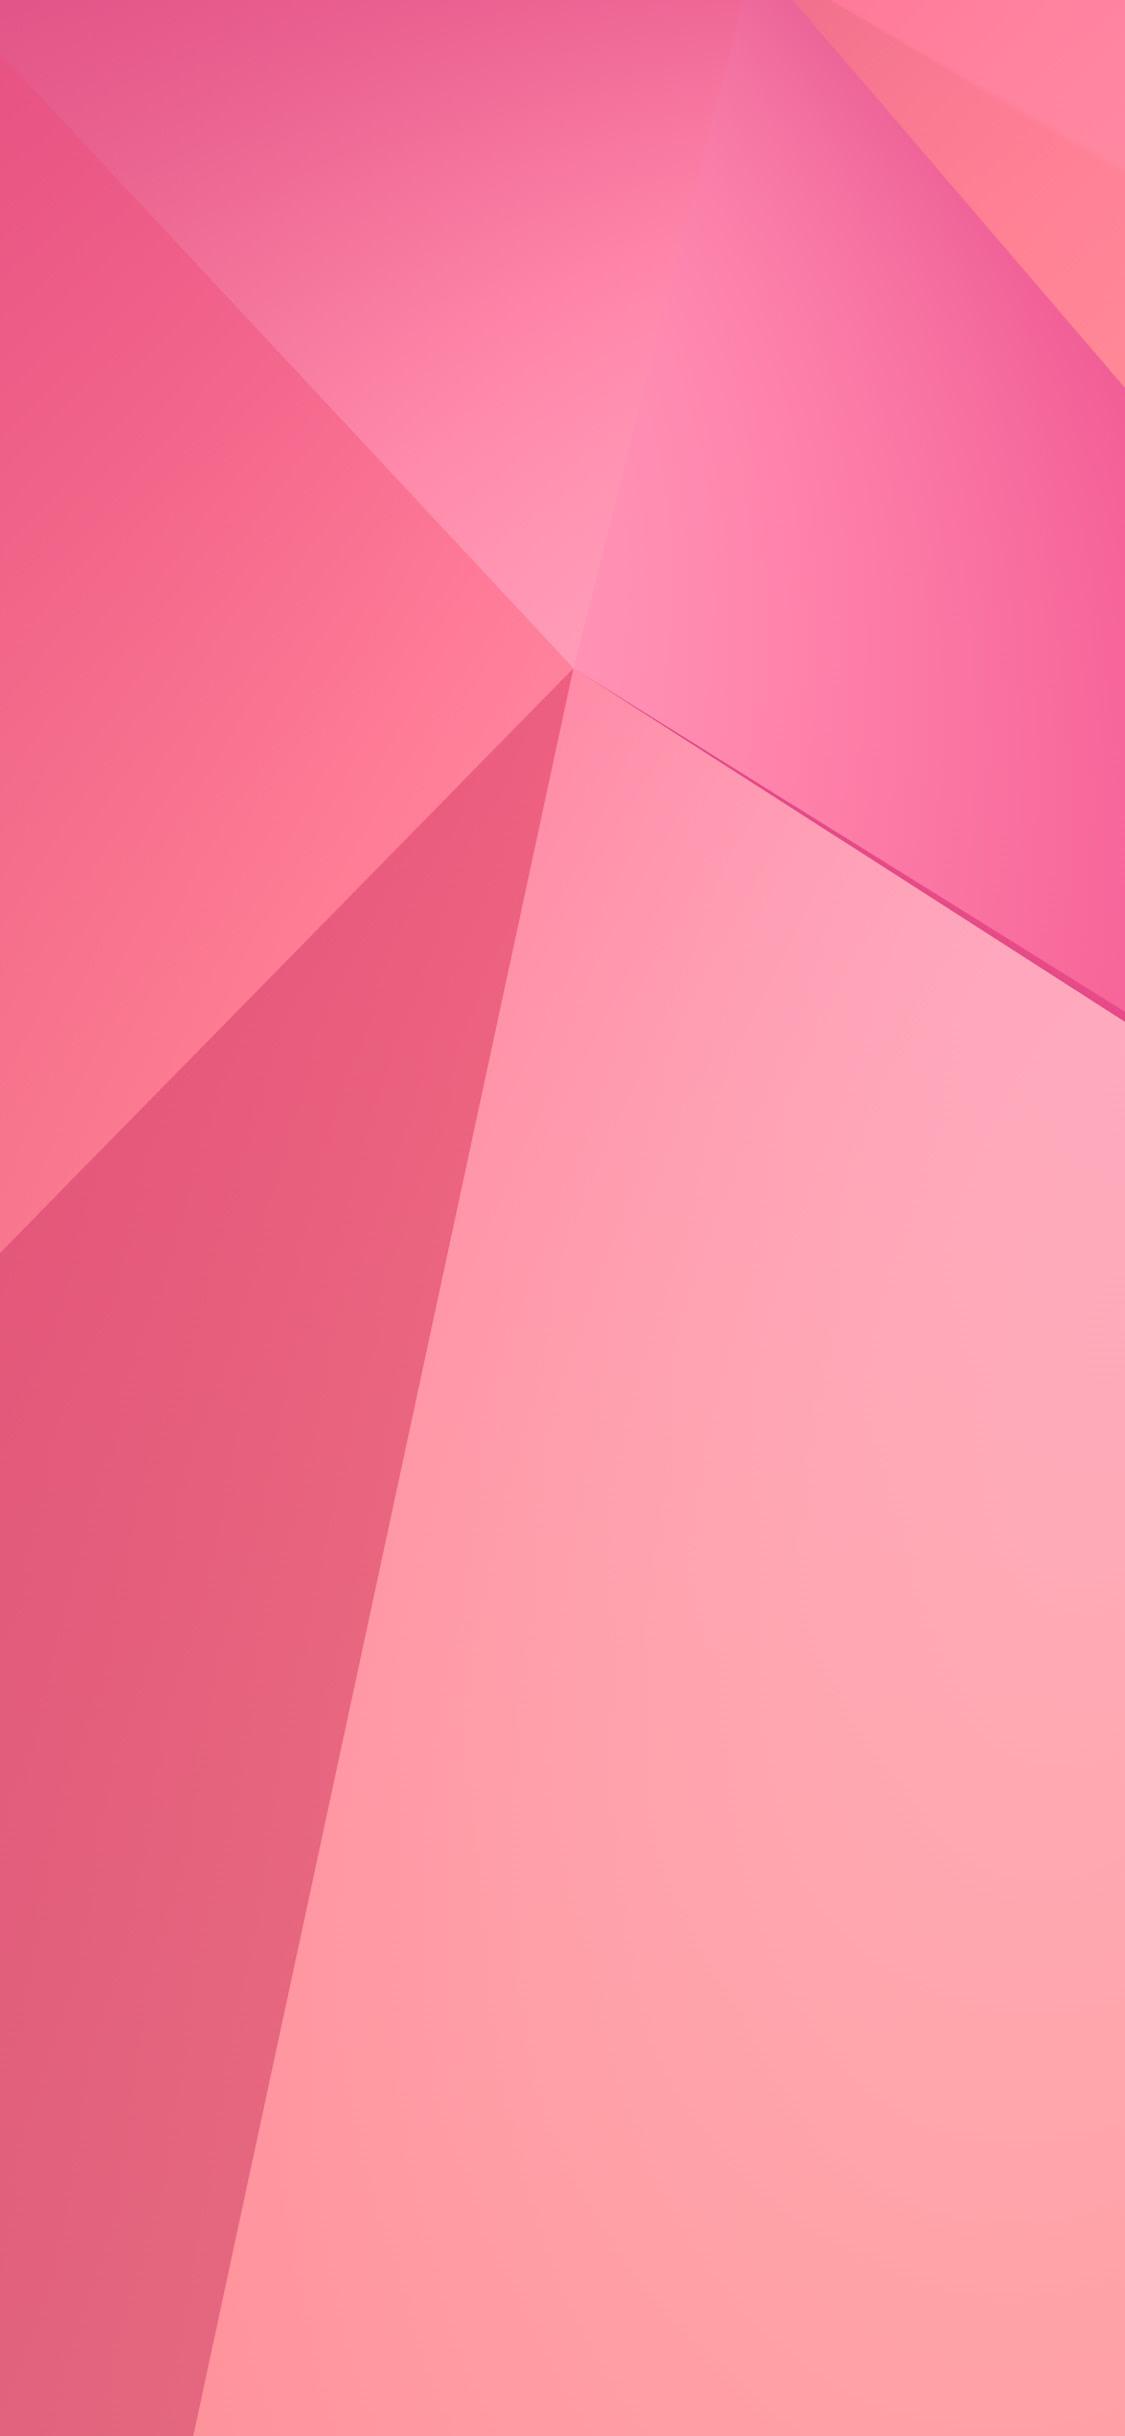 抽象的なピンクの三角形iphonex壁紙 1125 2436 Iphoneチーズ